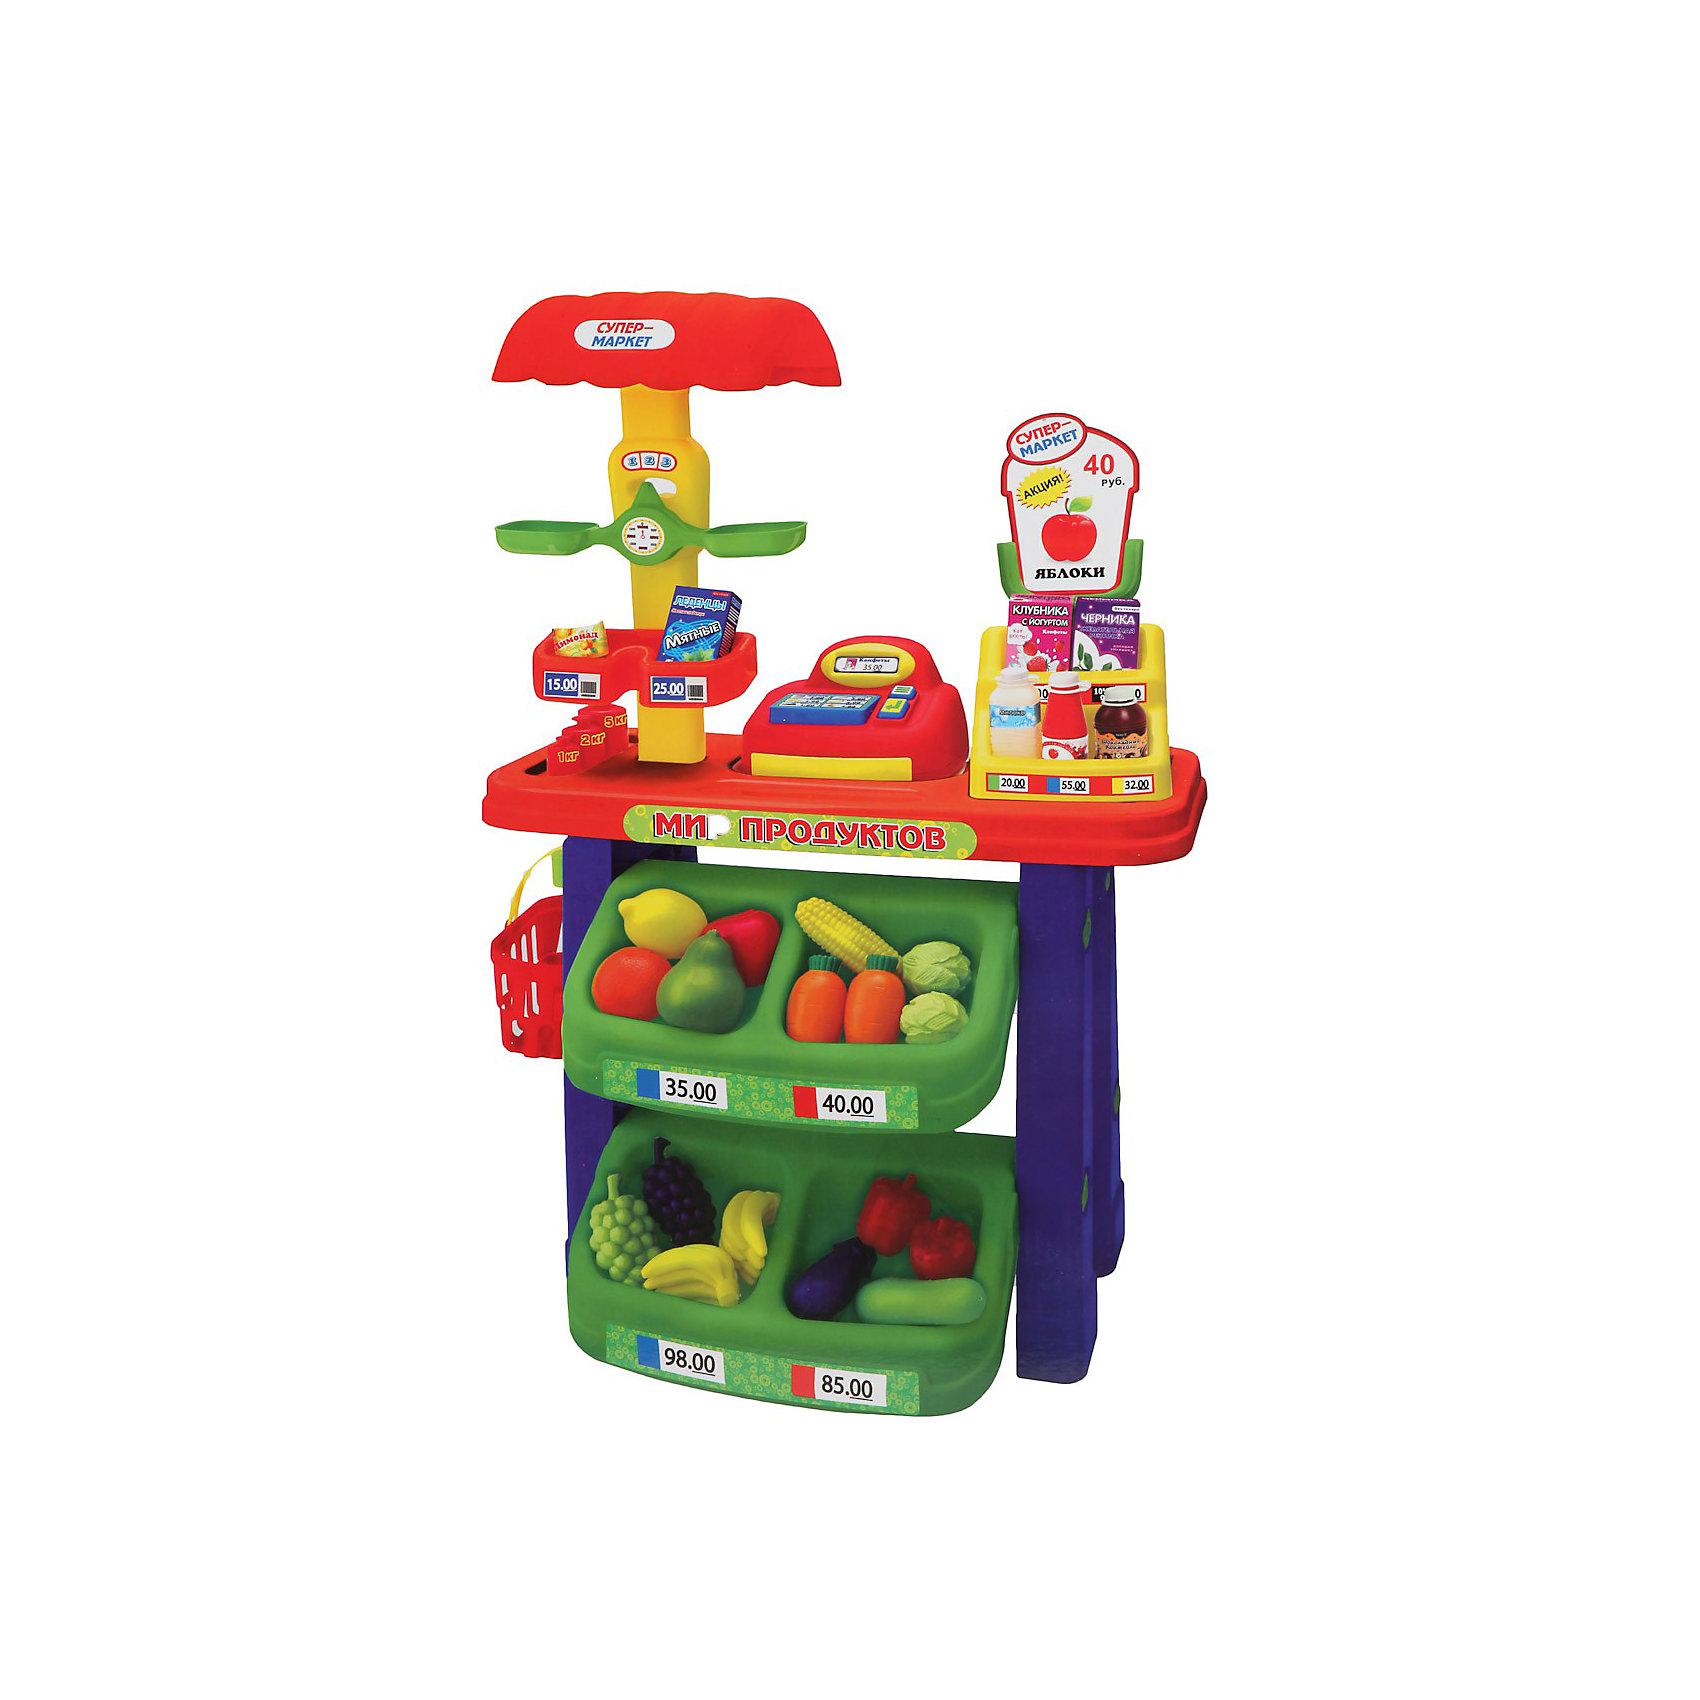 Супермаркет (касса, весы, продукты), Играем вместеСупермаркет (касса, весы, продукты), Играем вместе - увлекательная сюжетно-ролевая игра, которая понравится Вашему ребенку.<br><br>В набор входит все необходимое для игры в магазин: стеллаж с «продуктами», корзинка покупателя, весы и касса. <br><br>Во время игры в супермаркет ребенок примеряет на себя различные социальные роли, развивает коммуникативные навыки, учится счету. Кроме того, данная игрушка способствует развитию воображения и фантазии Вашего ребенка.<br><br>Дополнительная информация:<br><br>- В набор входит: стеллаж, весы, касса, корзинка для продуктов, набор продуктов.<br>- Размер игрушки (высота стеллажа)  60 см. <br>- Материалы: пластмасса.<br><br>Супермаркет (касса, весы, продукты), Играем вместе можно купить в нашем интернет-магазине.<br><br>Ширина мм: 140<br>Глубина мм: 530<br>Высота мм: 600<br>Вес г: 7500<br>Возраст от месяцев: 36<br>Возраст до месяцев: 144<br>Пол: Унисекс<br>Возраст: Детский<br>SKU: 3384117